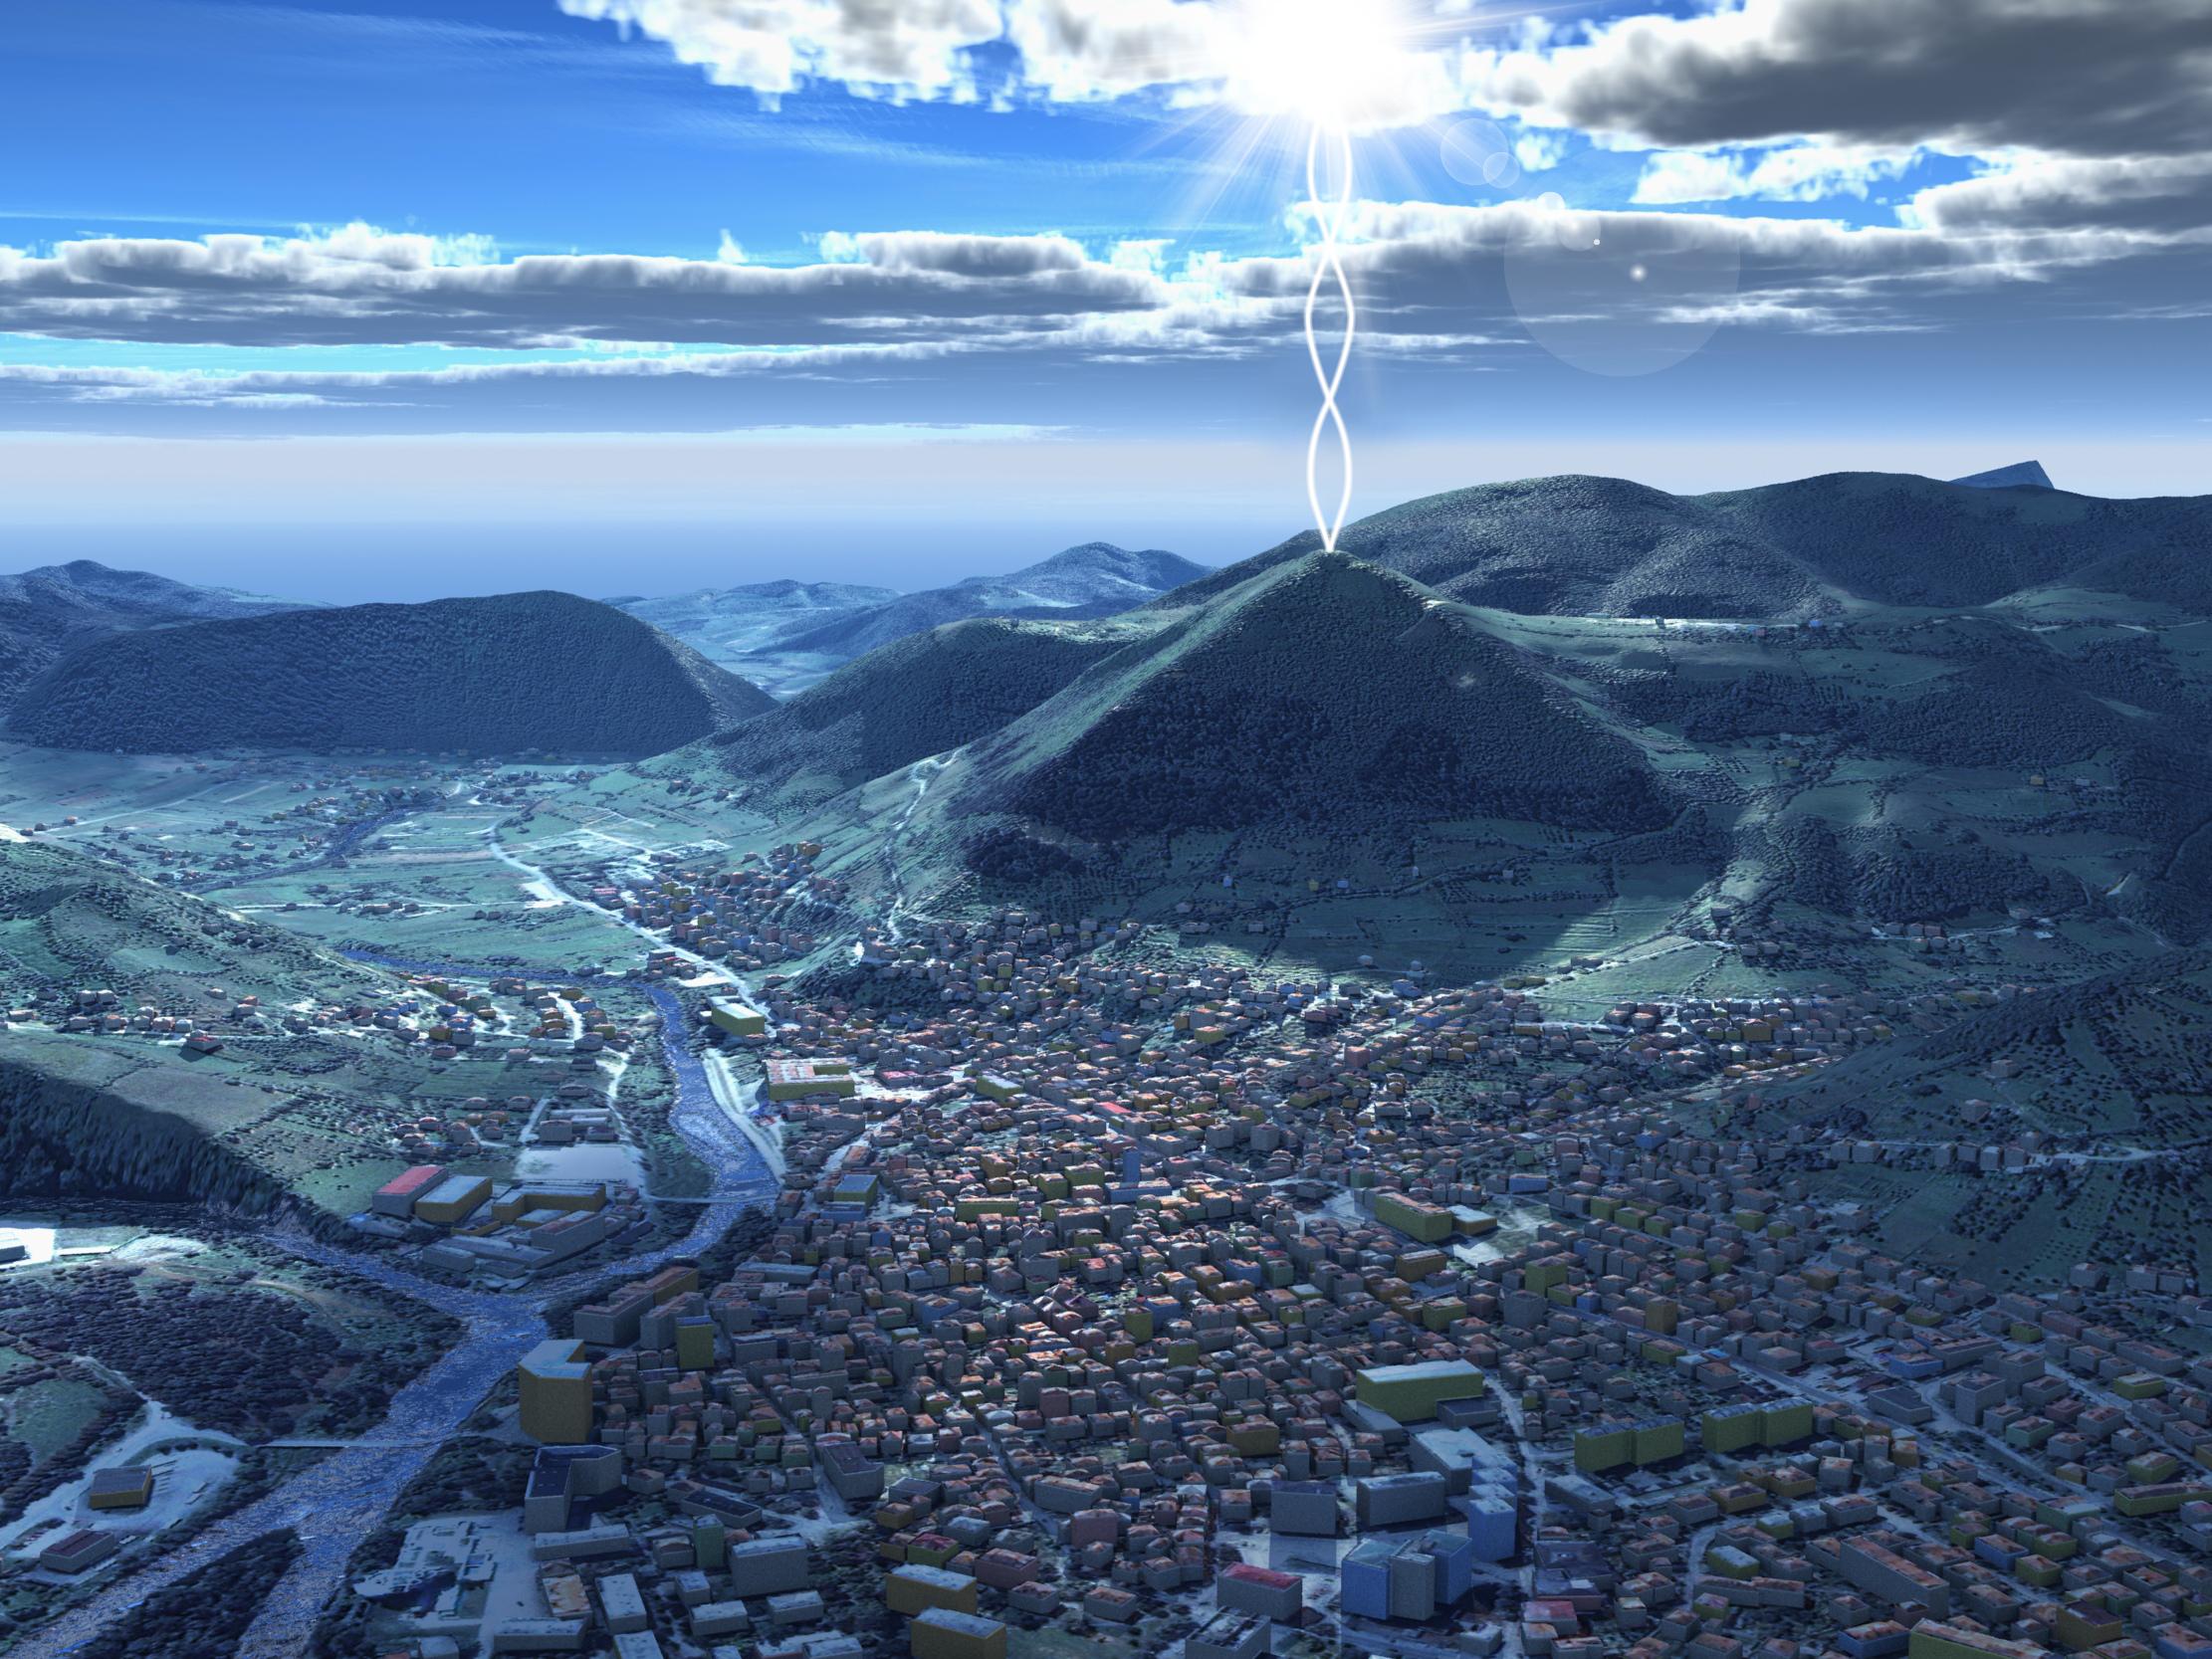 Bosnian-Pyramid-of-the-Sun-scalar wave